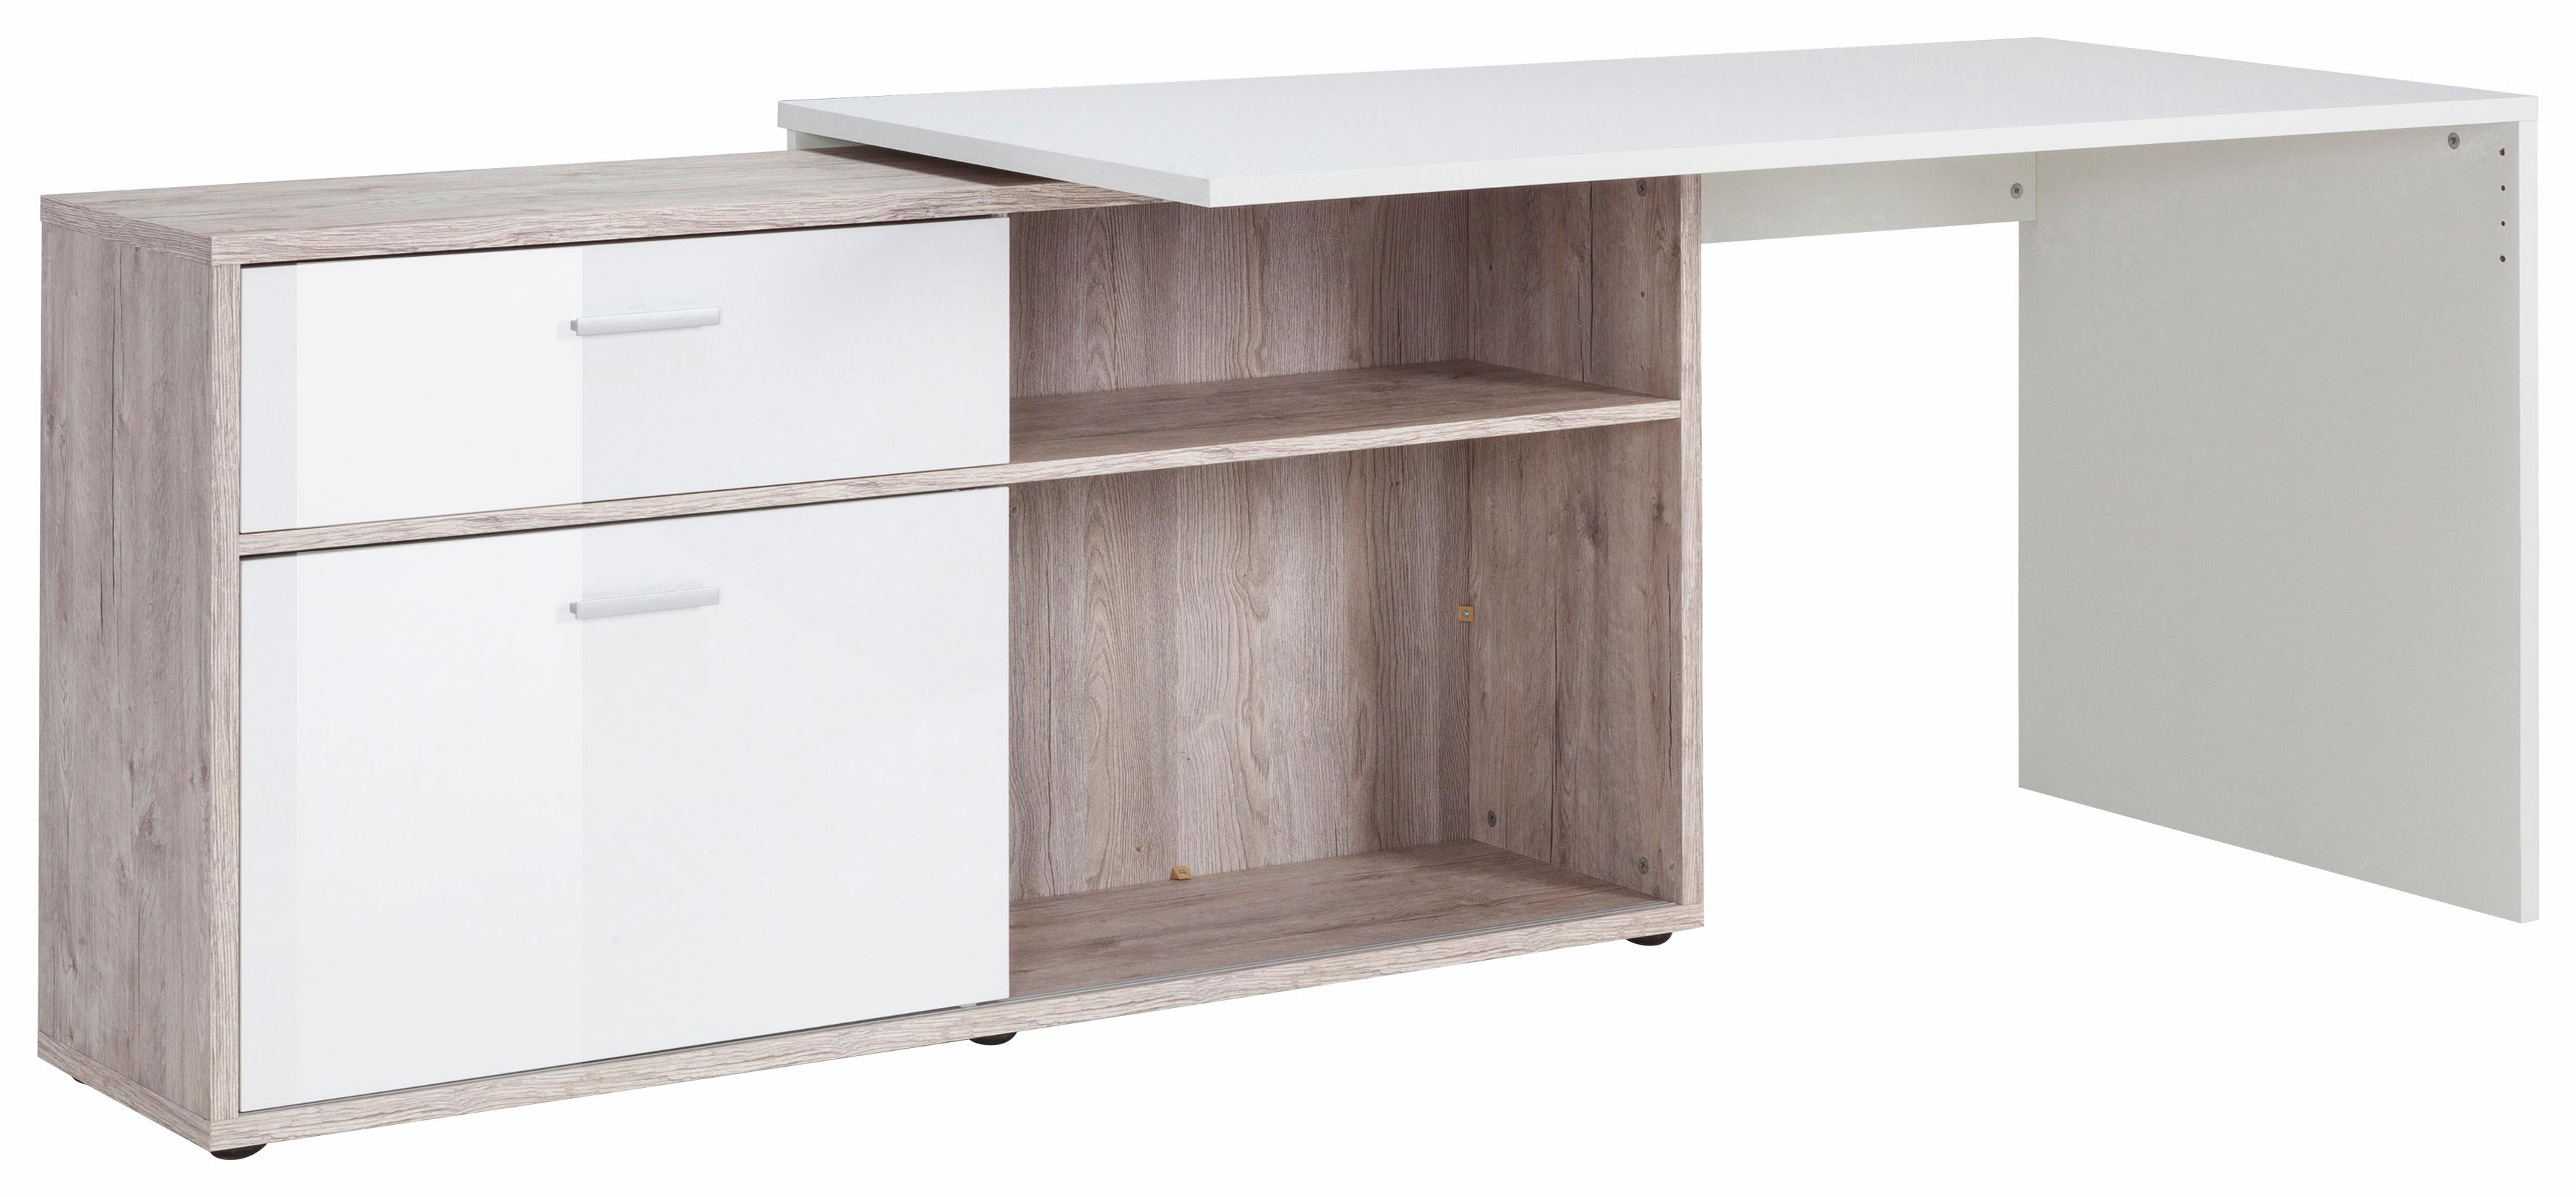 Fmd Schreibtische Online Kaufen Möbel Suchmaschine Ladendirektde